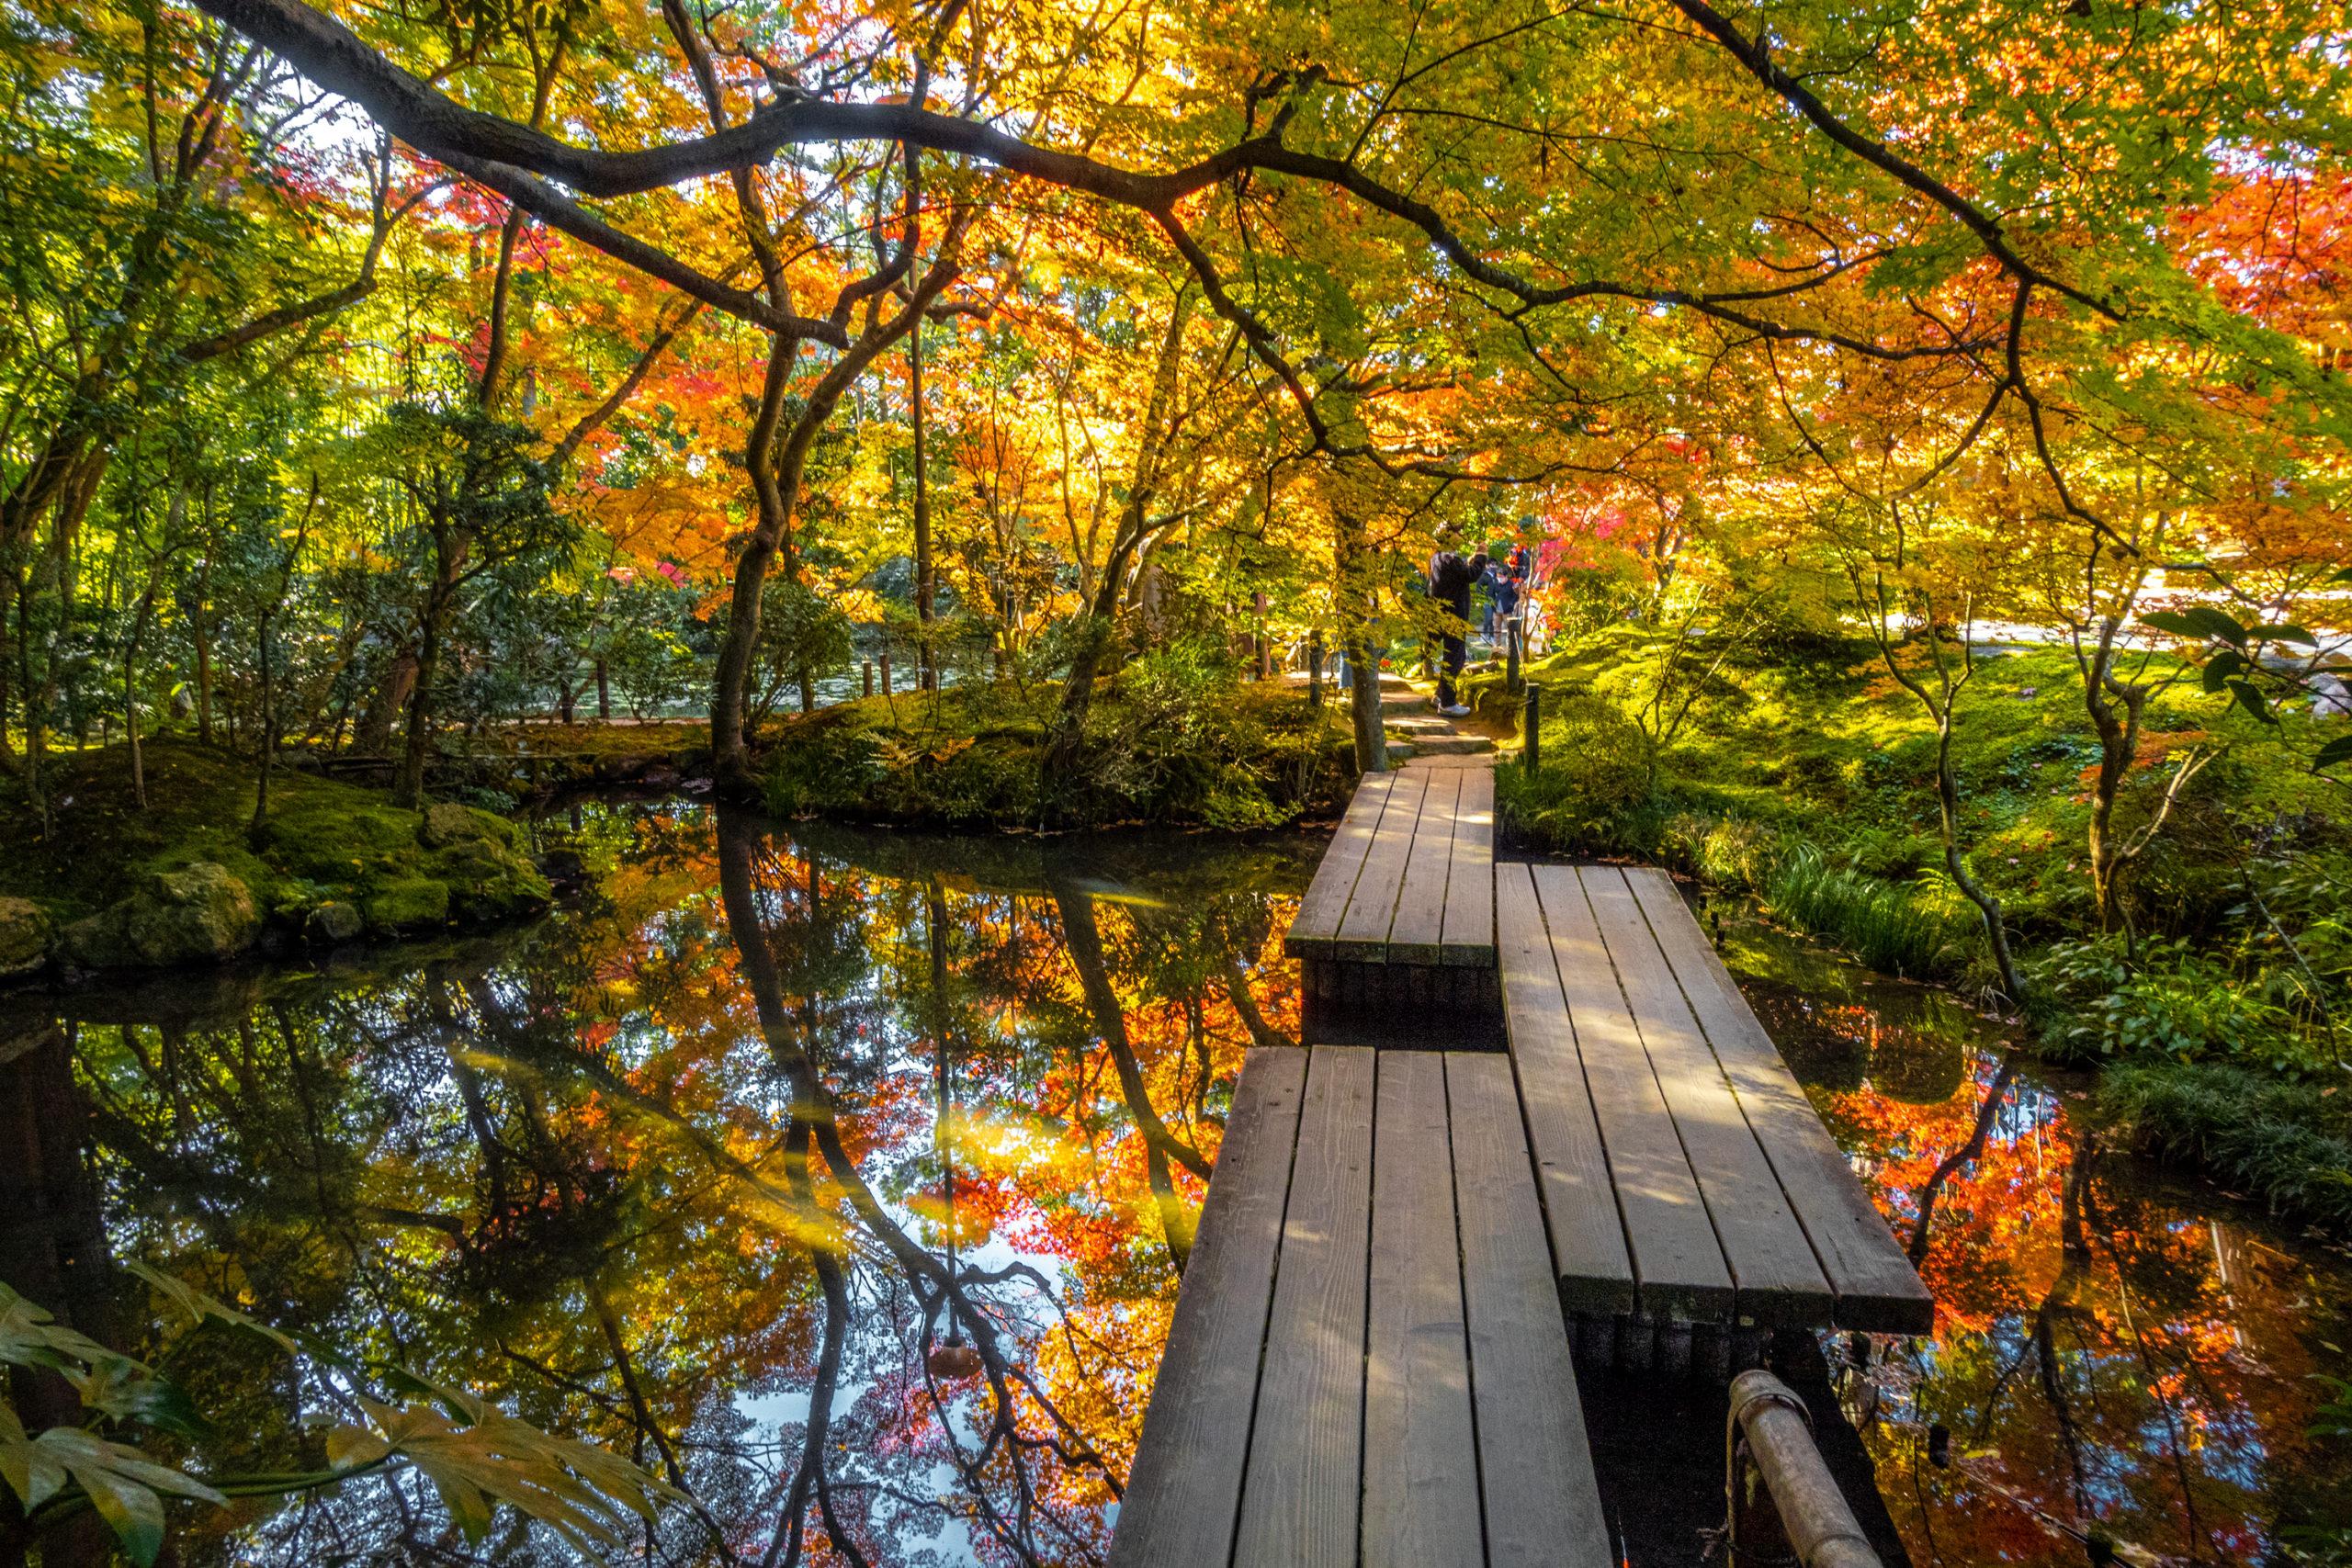 DSC00629-scaled 京都  天授庵(紅葉の美しい庭園が見所な秋におすすめのスポット!撮影した写真の紹介、アクセス情報など)